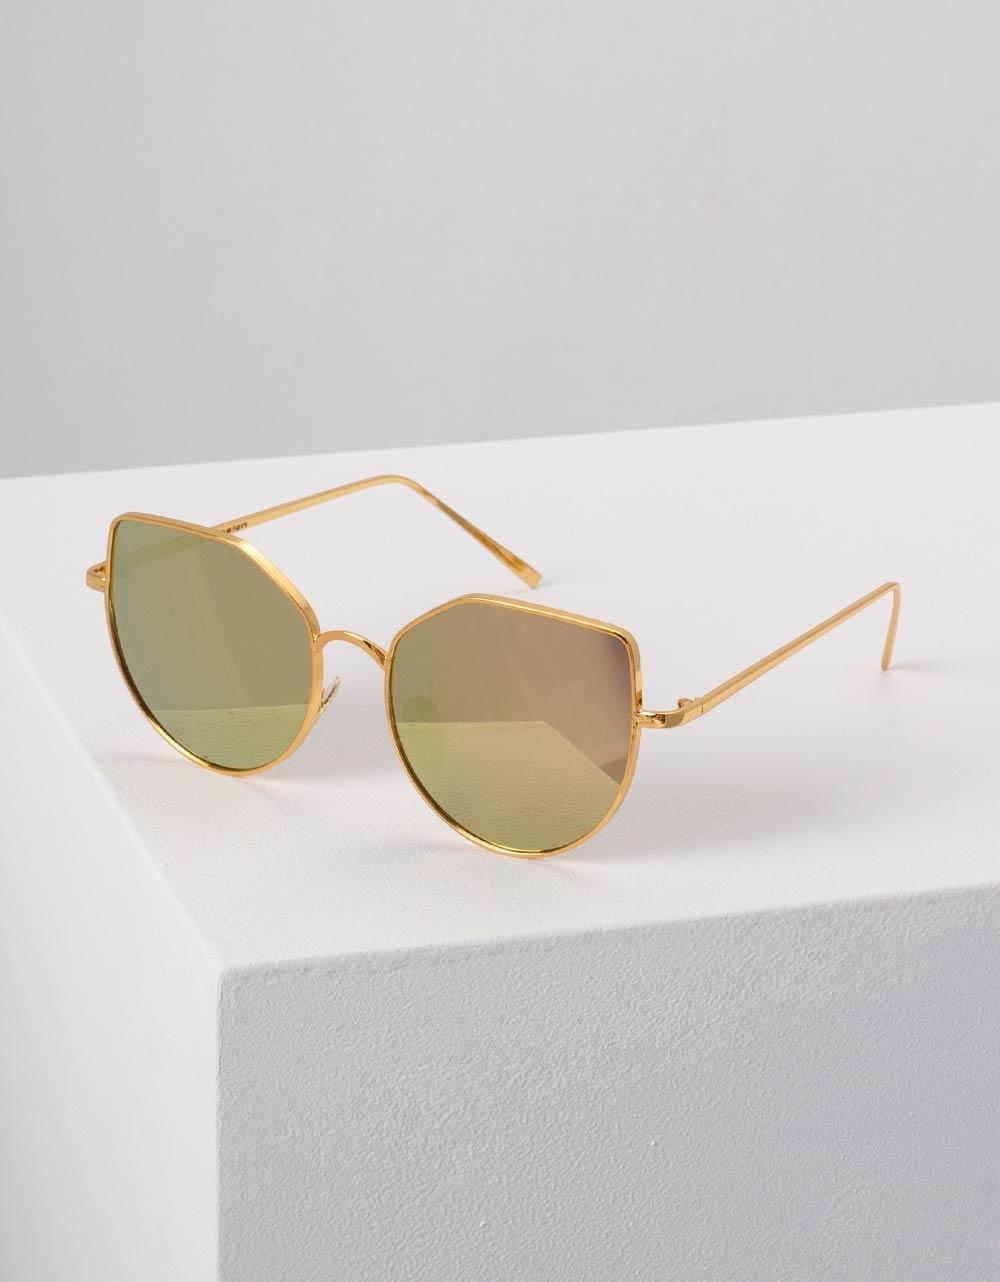 Εικόνα από Γυναικεία γυαλιά ηλίου με καθρέφτη στο φακό Κίτρινο